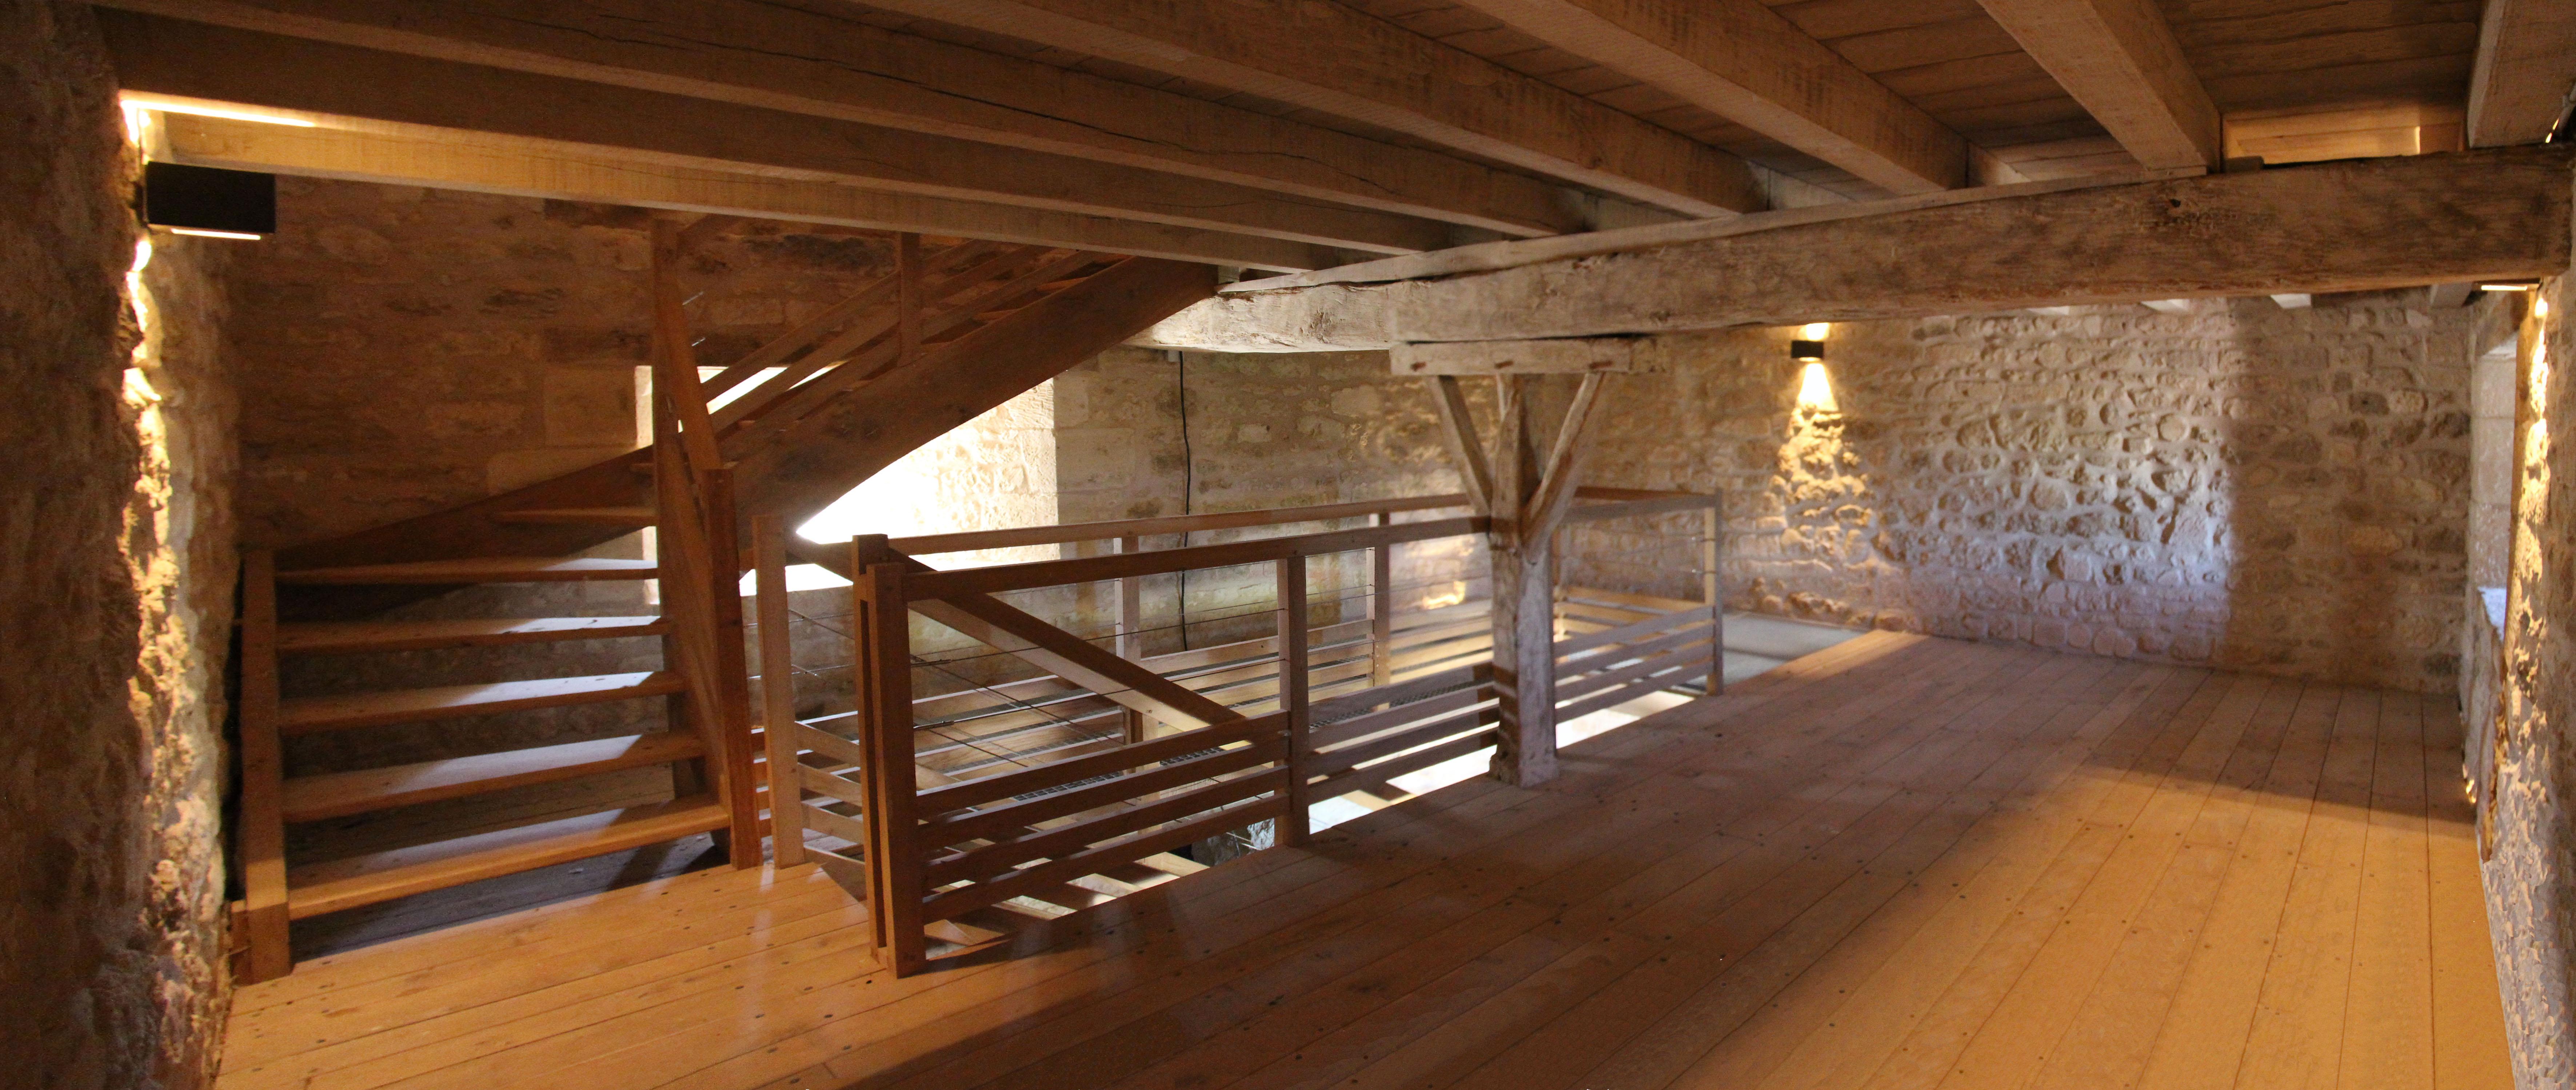 Agence Caillault ACMH – VERTUZEY – Eglise Saint-Gorgon – Aménagement intérieur du clocher